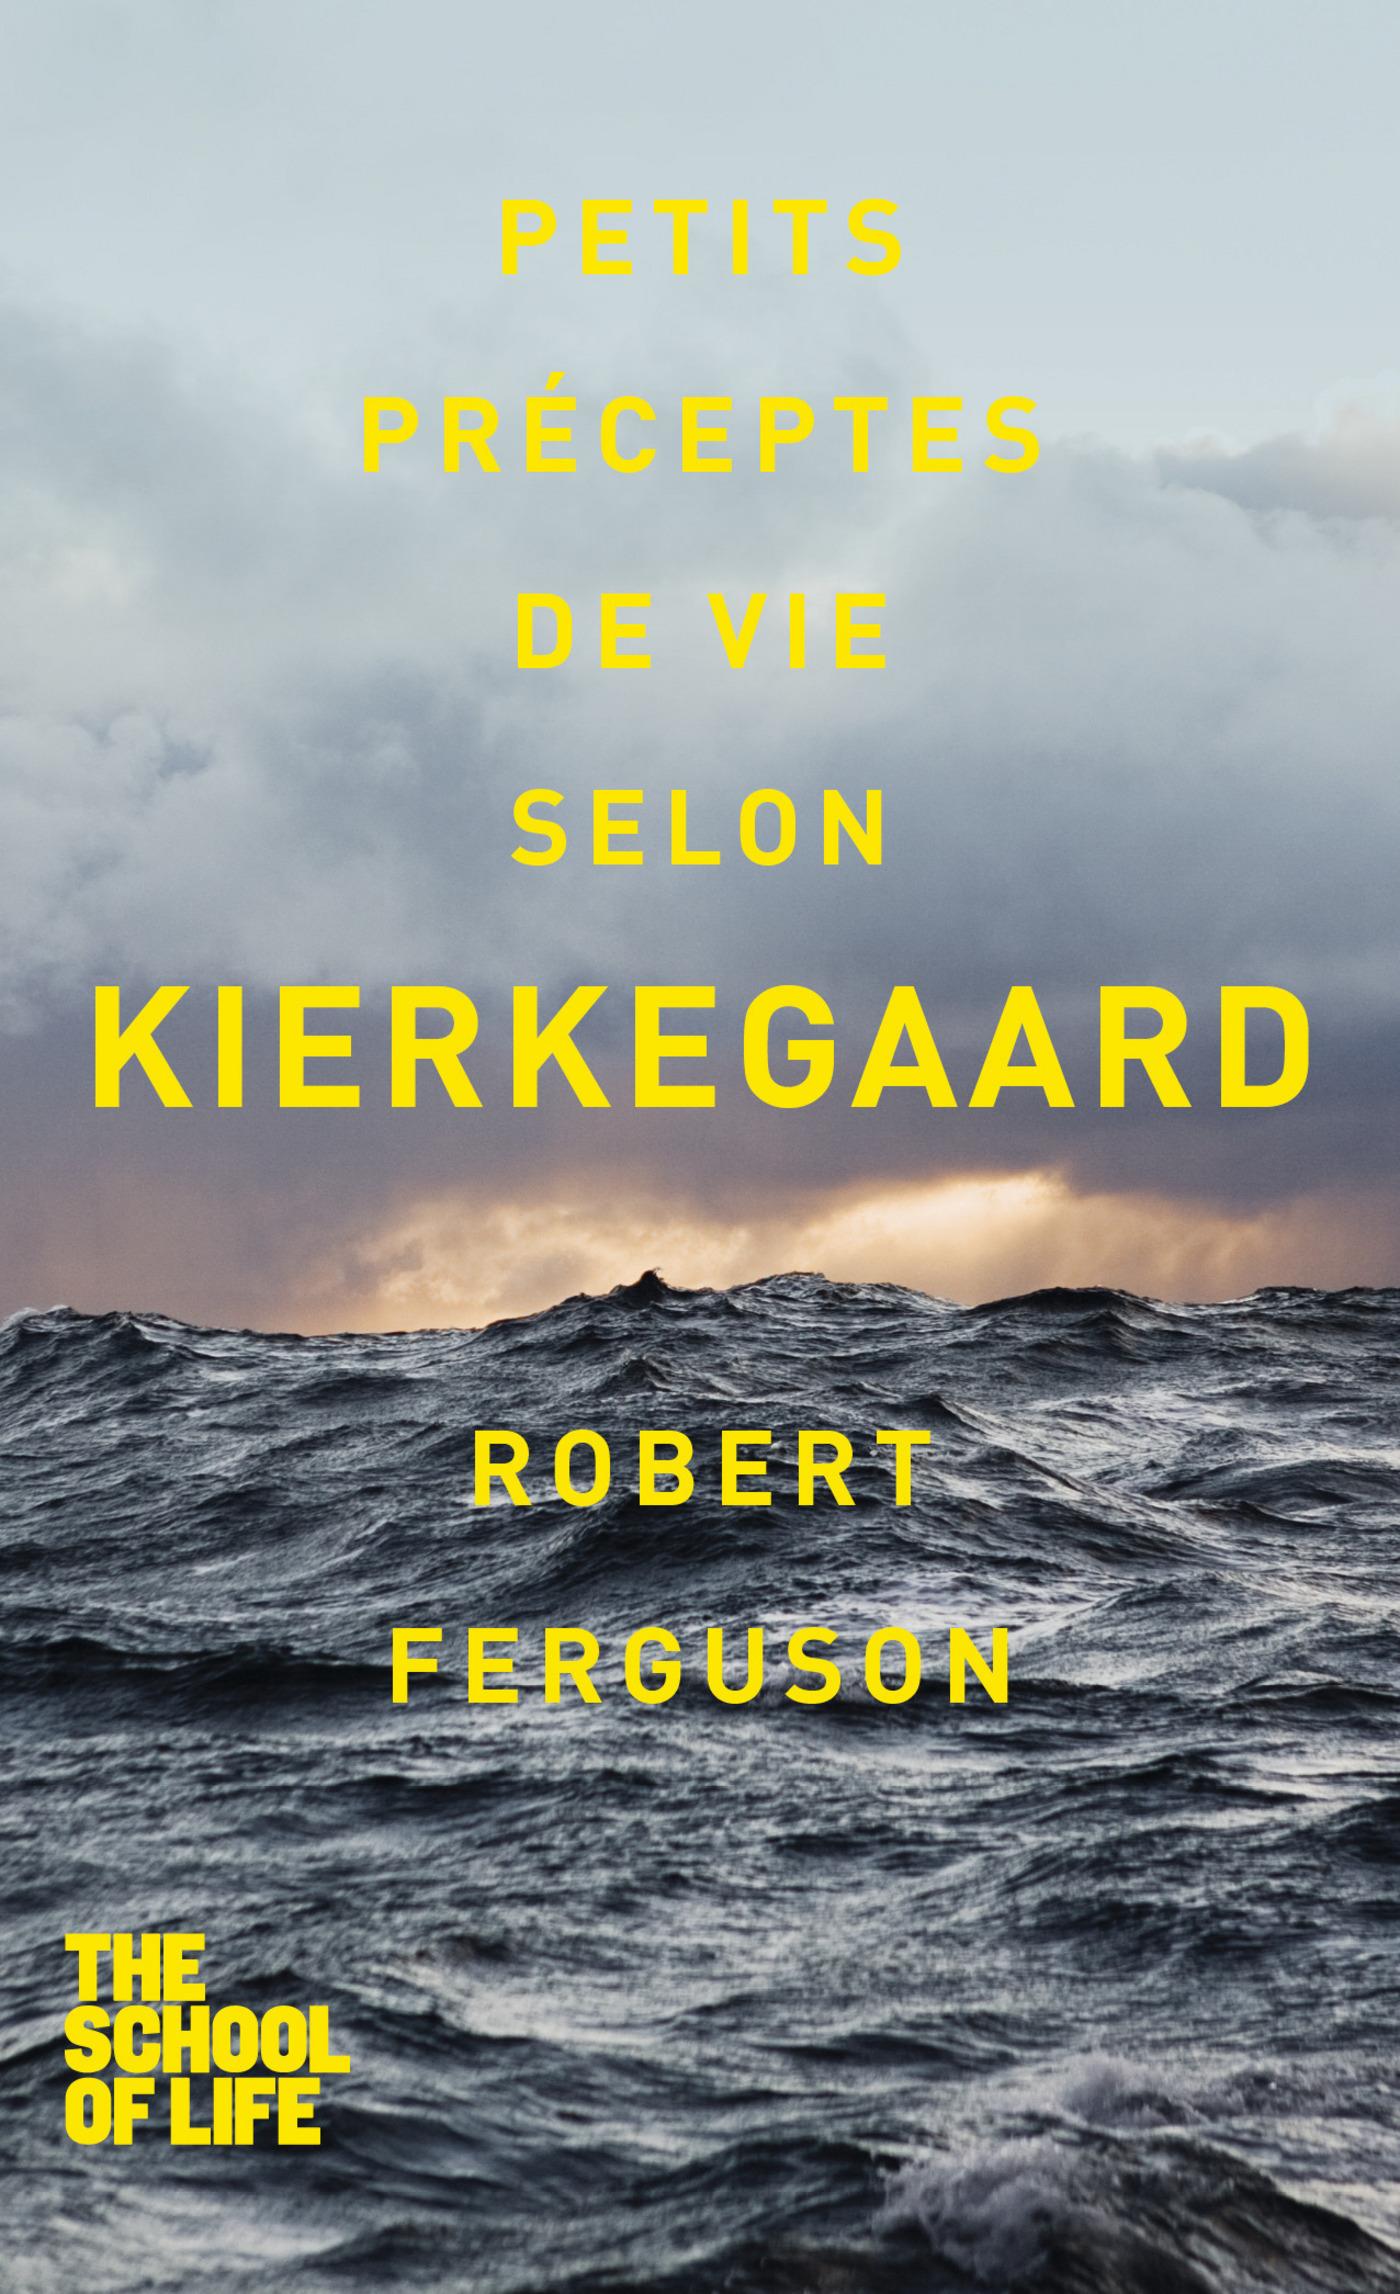 Petits préceptes de vie selon Kierkegaard (ebook)